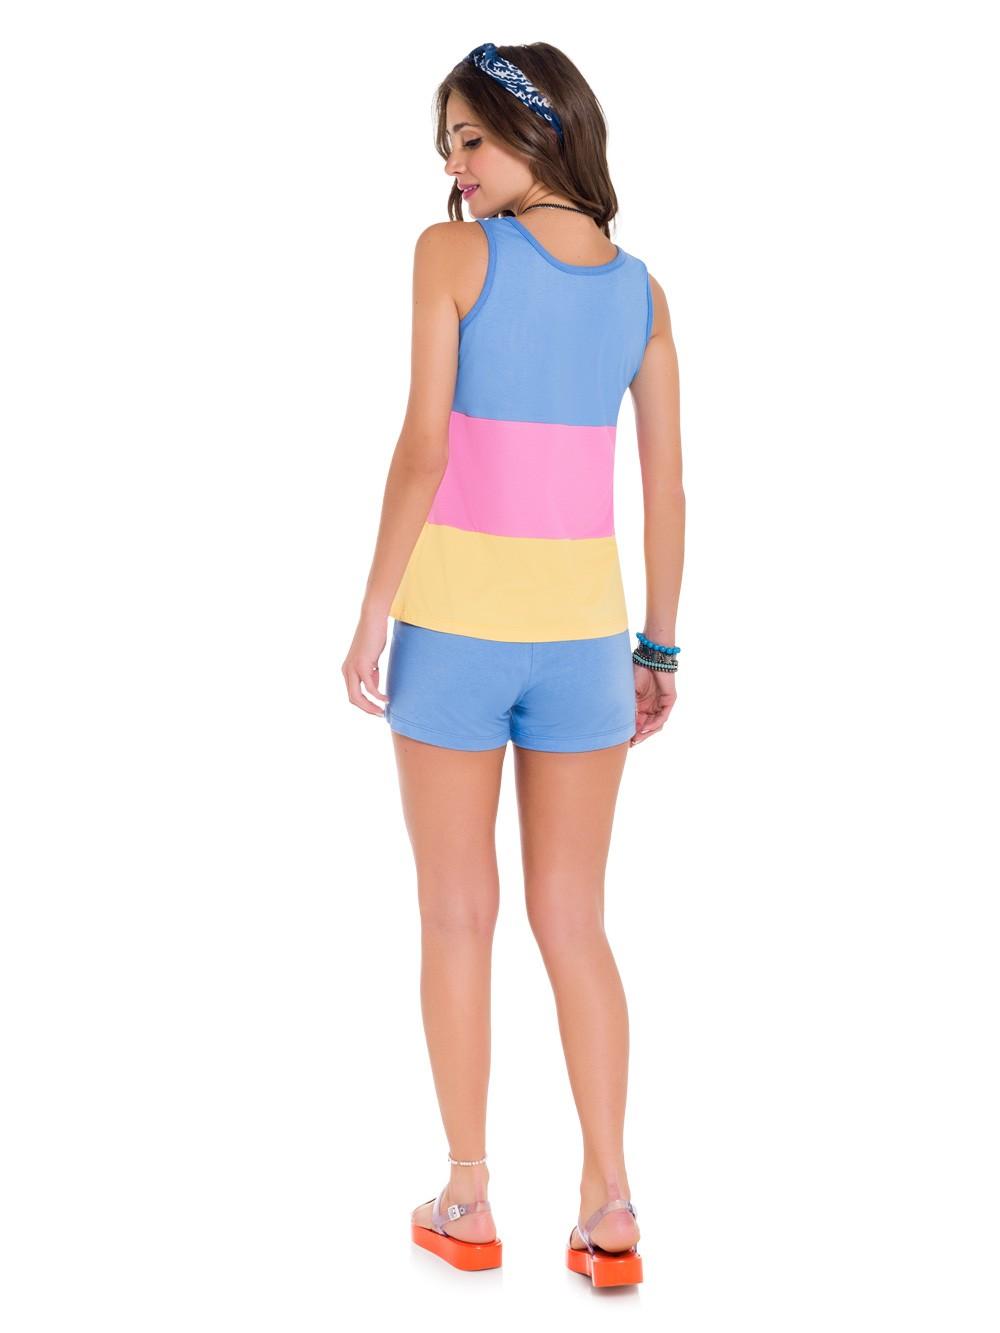 Pijama de calor feminino baby doll colors regata azul verão